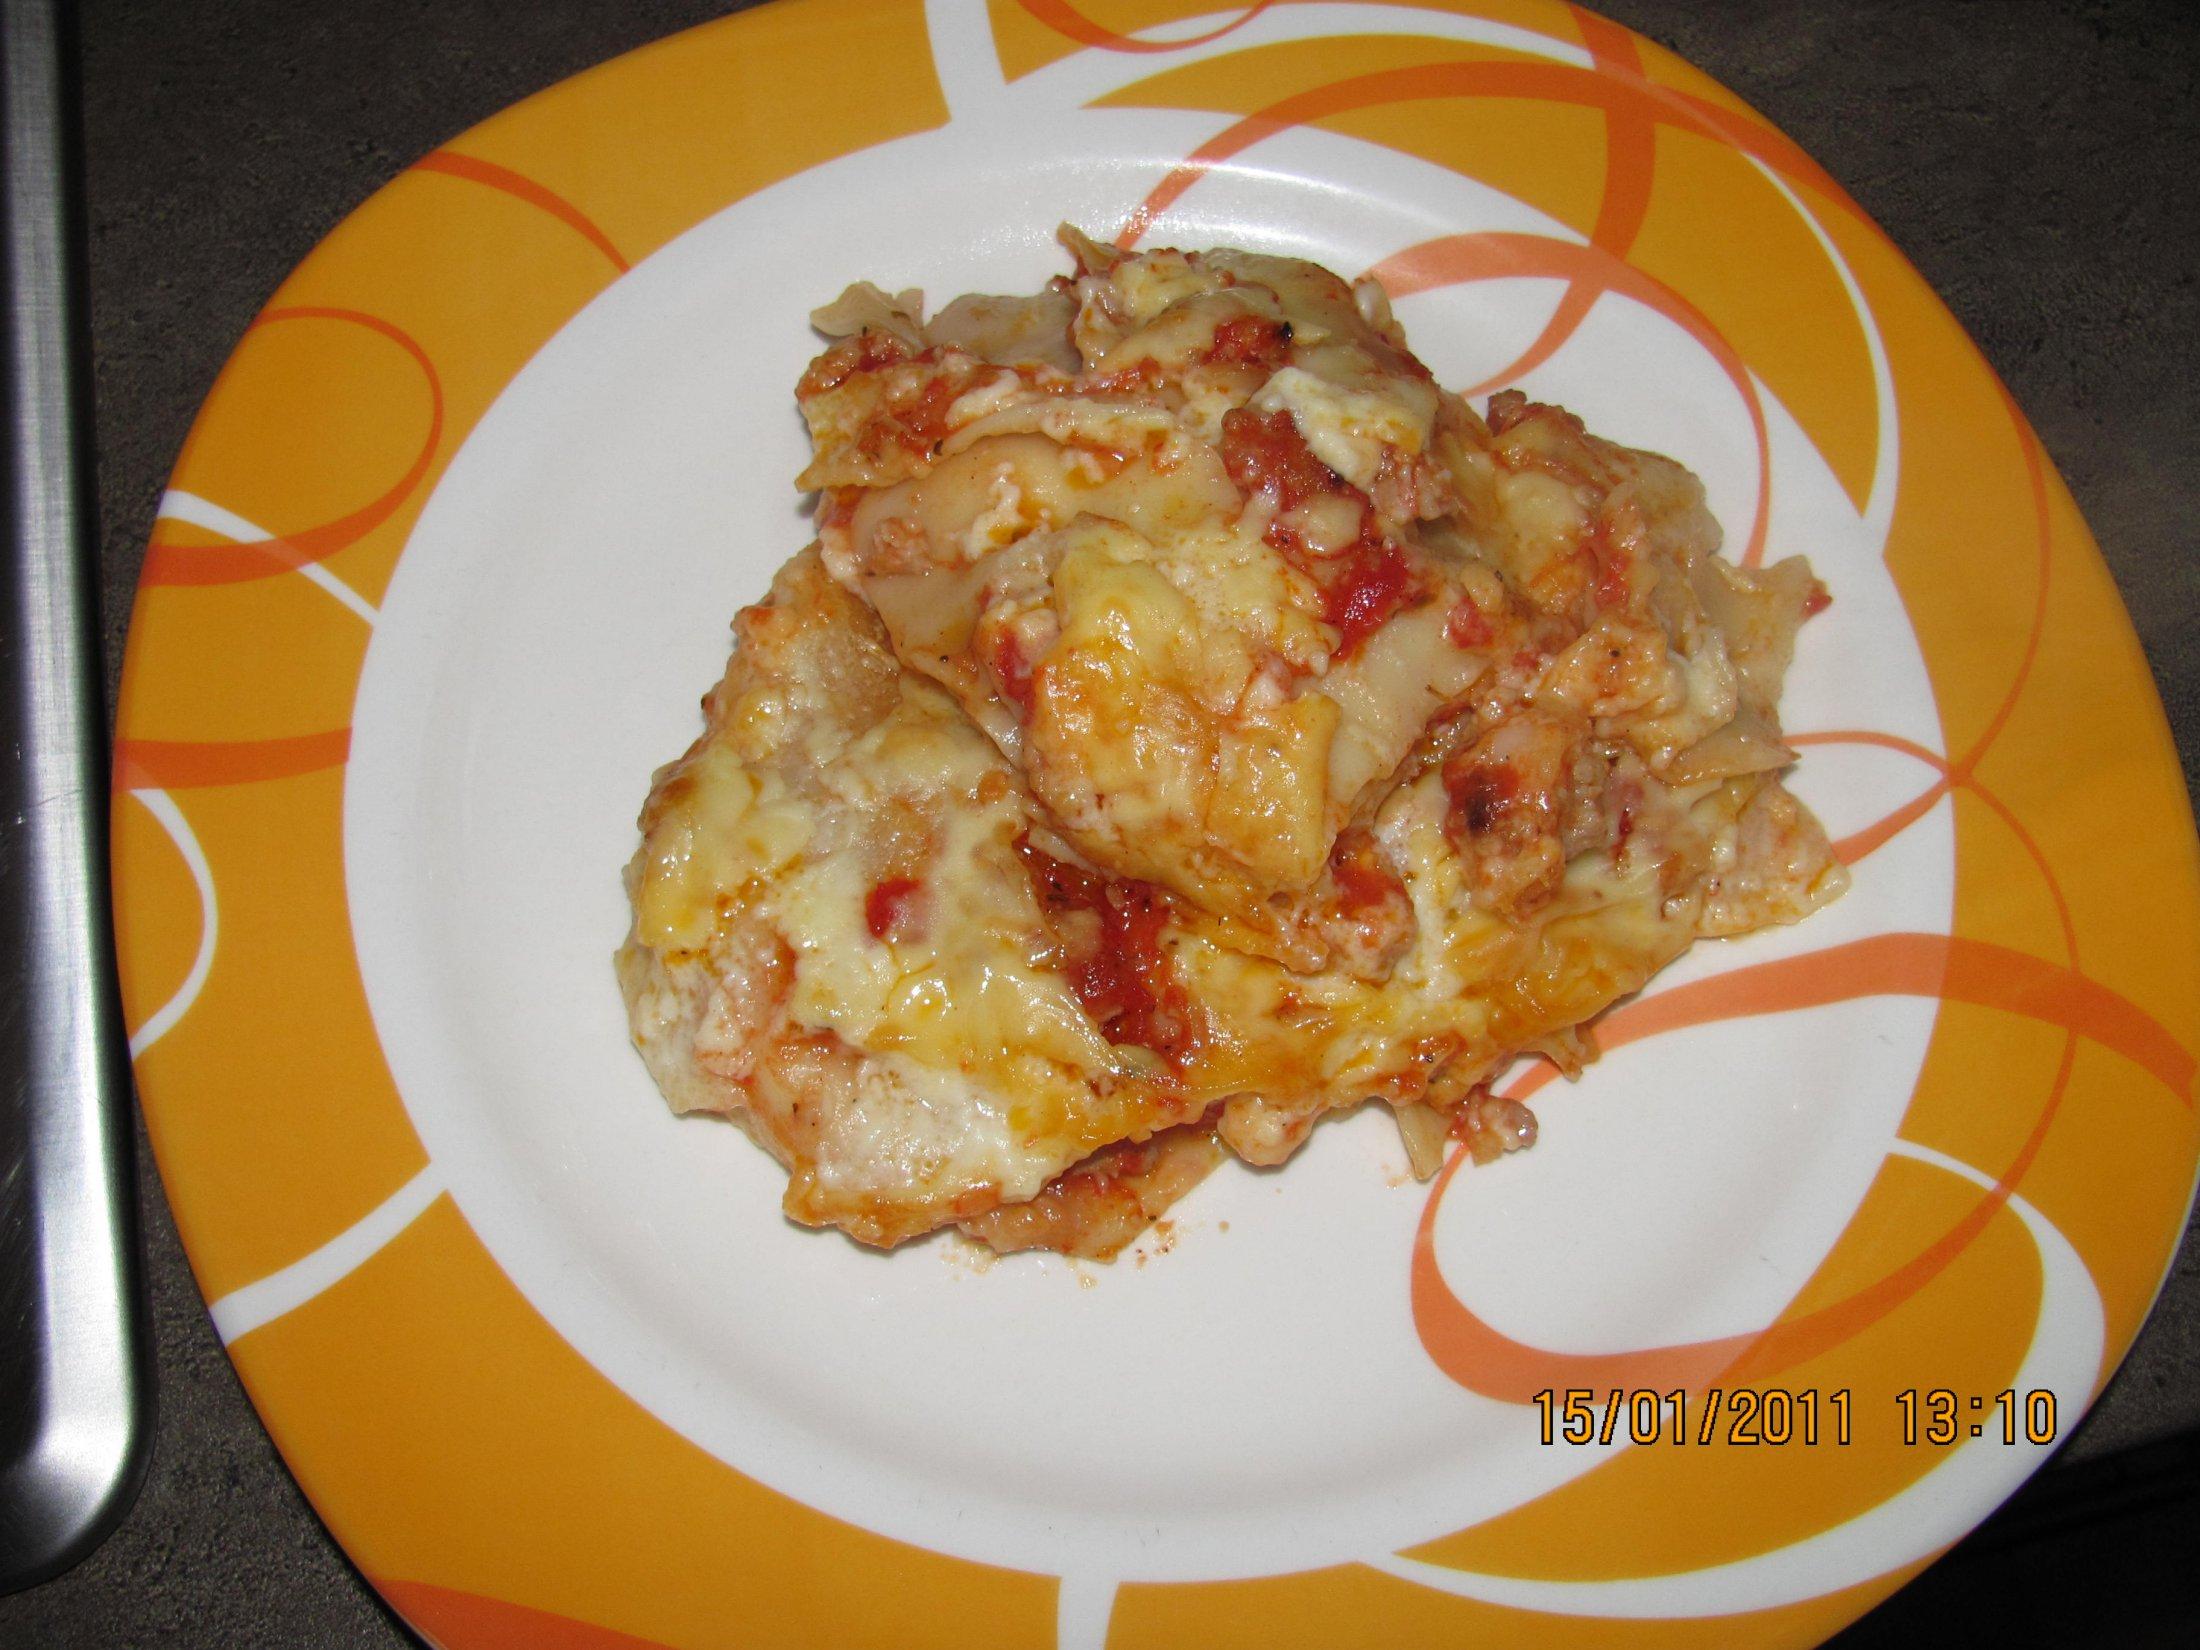 Recept Lasagne s mletým masem a bešamelem - Naservírováno.